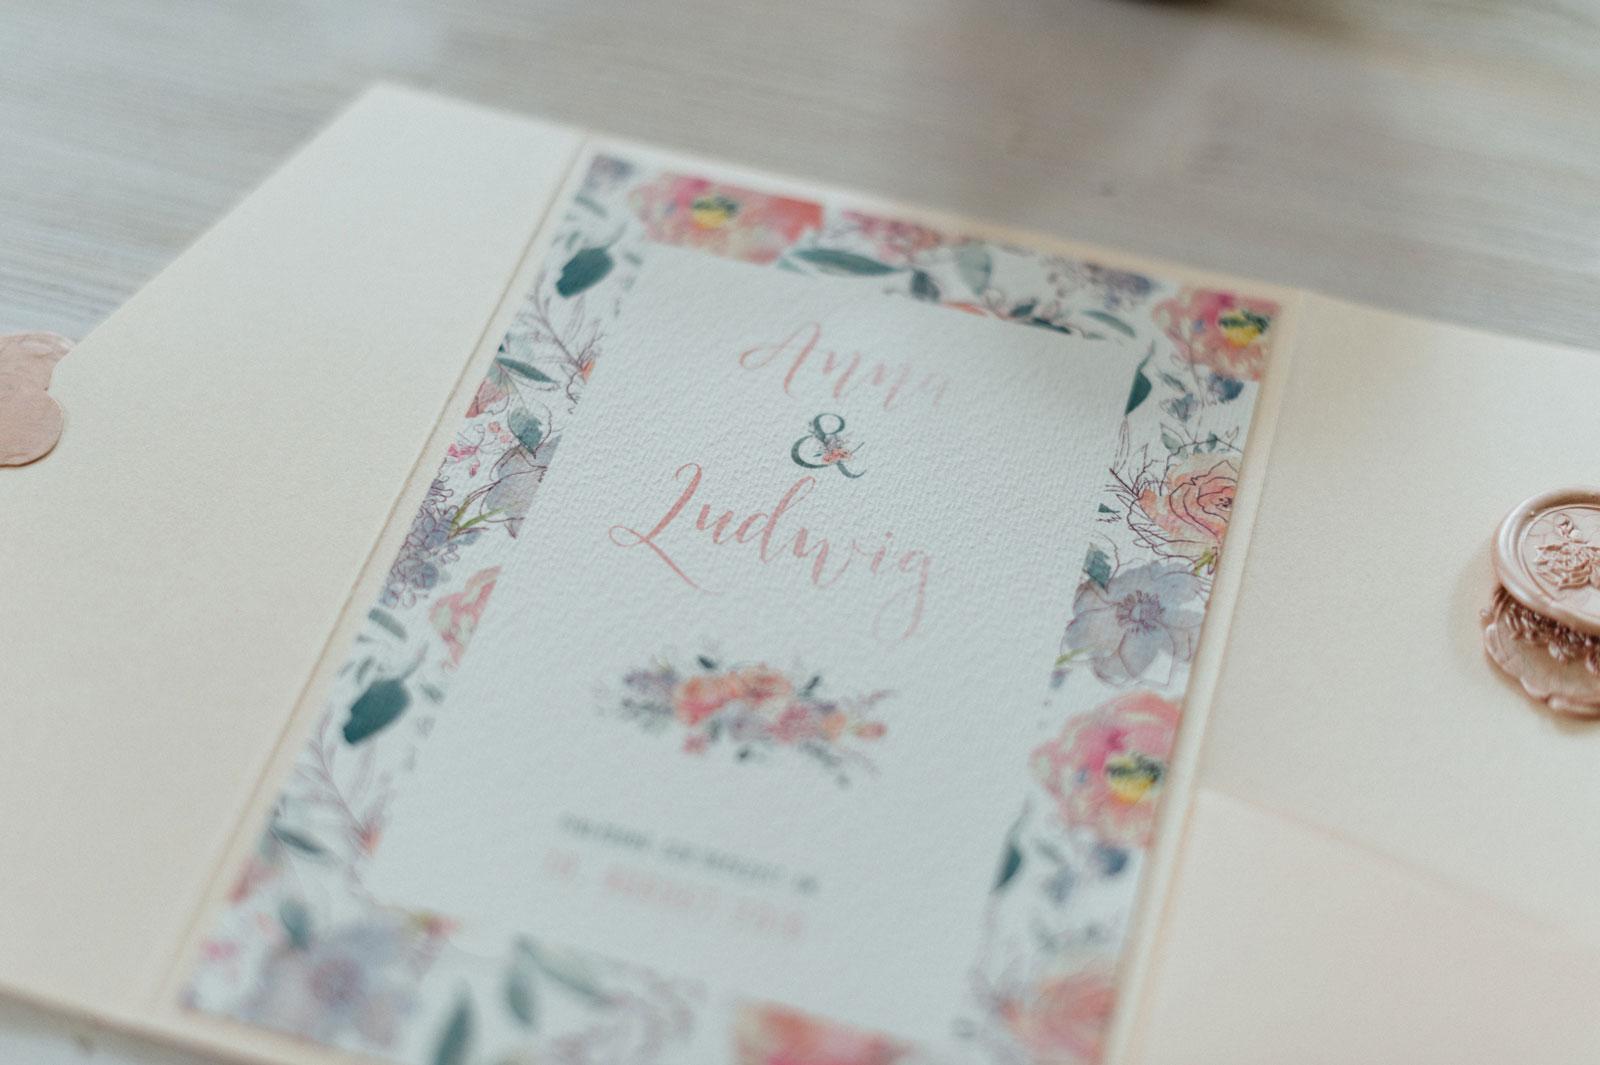 Fruhlingsblumen Hochzeitseinladungen Mit Wachssiegel Hannah Antenna